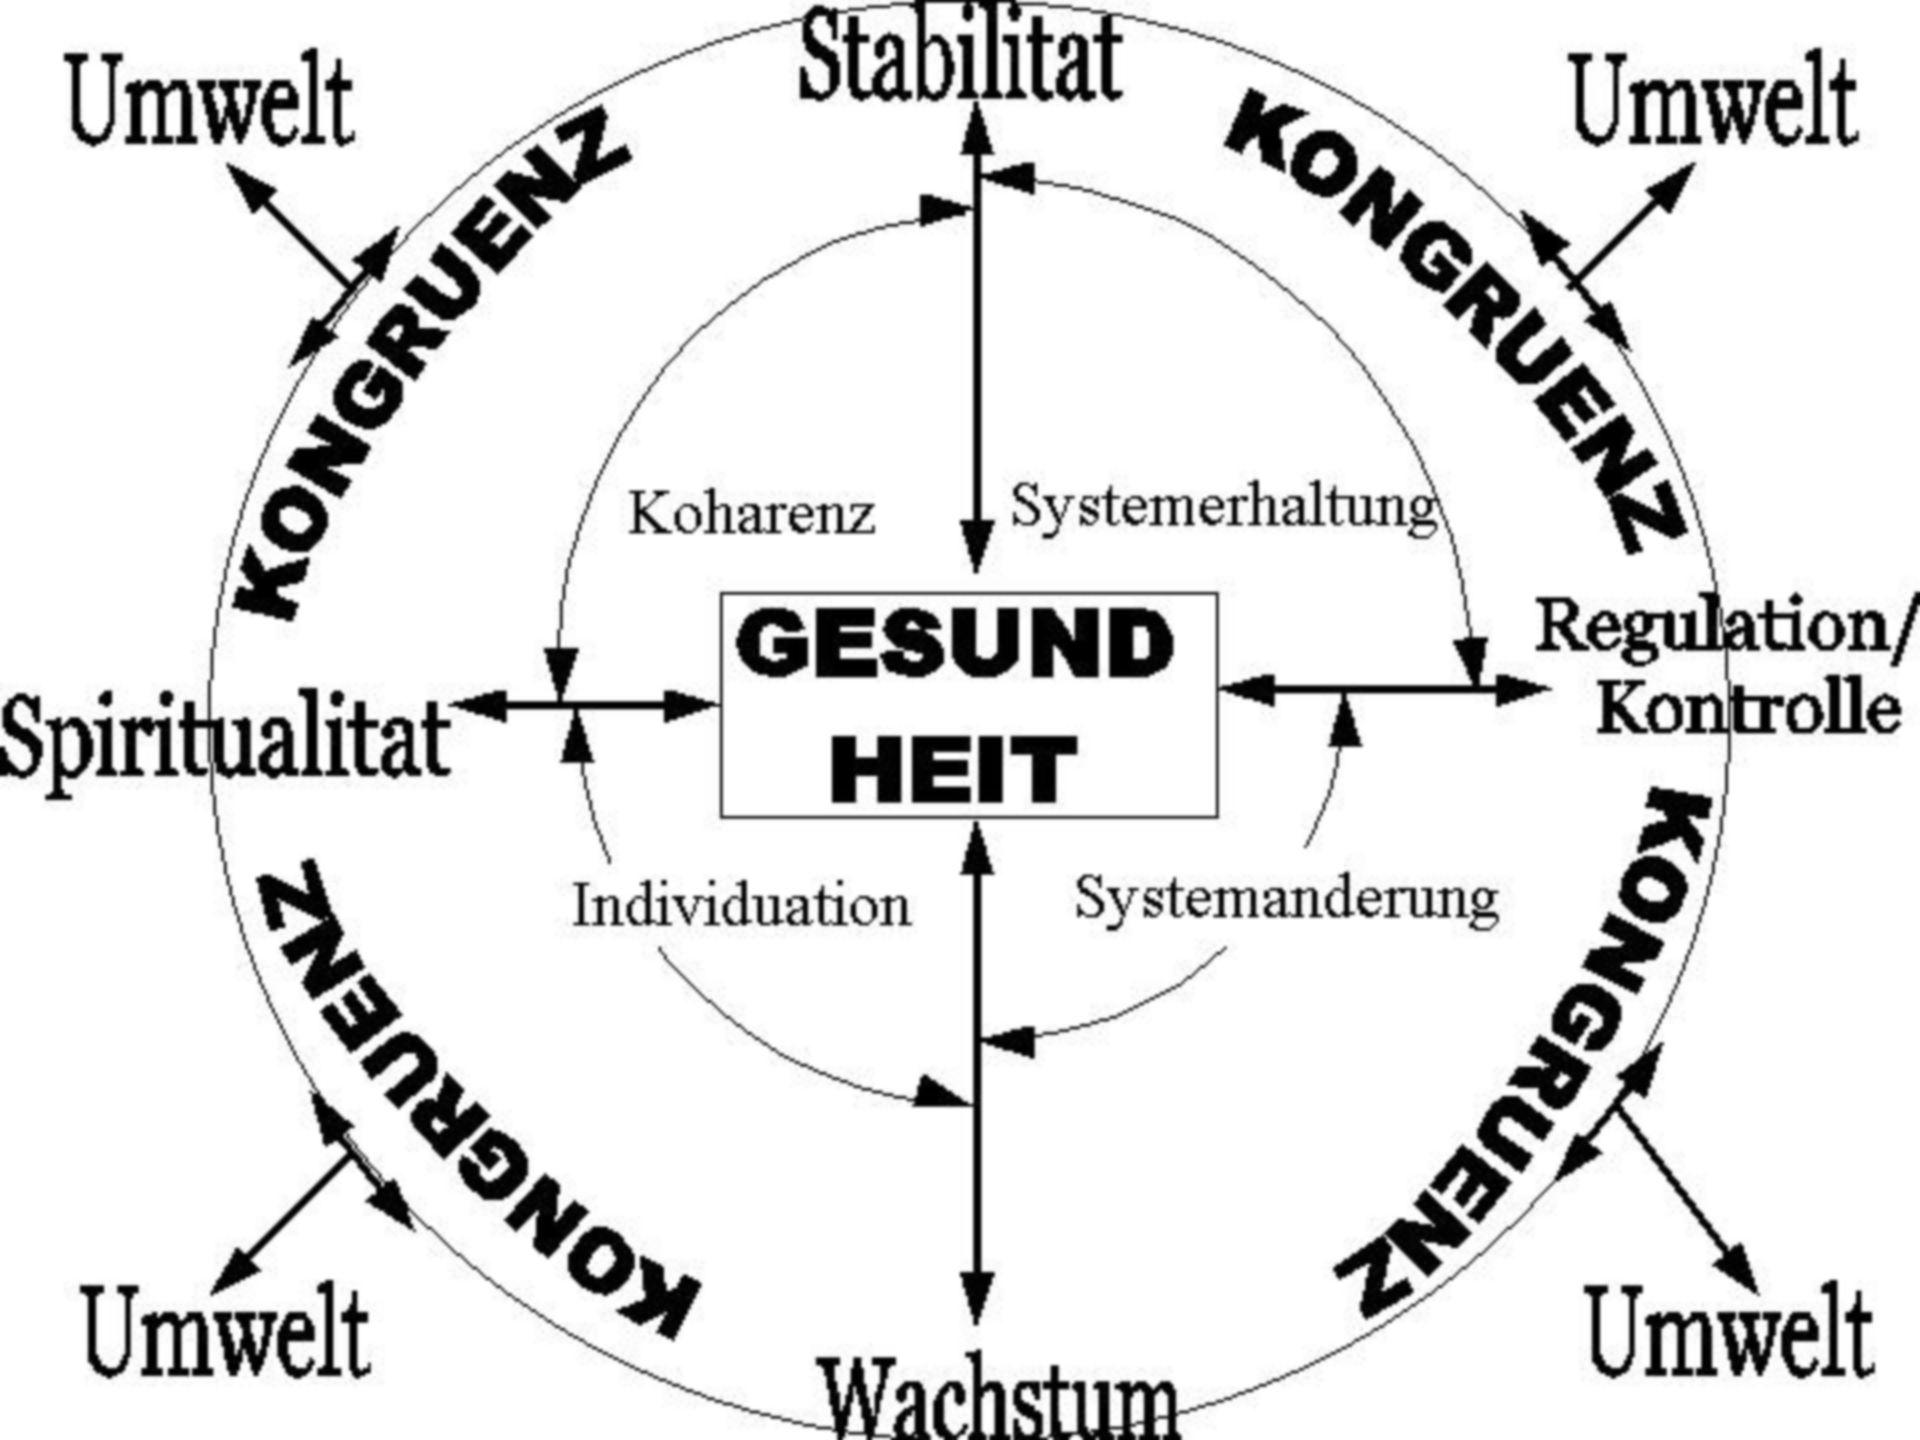 Systematic equilibrium